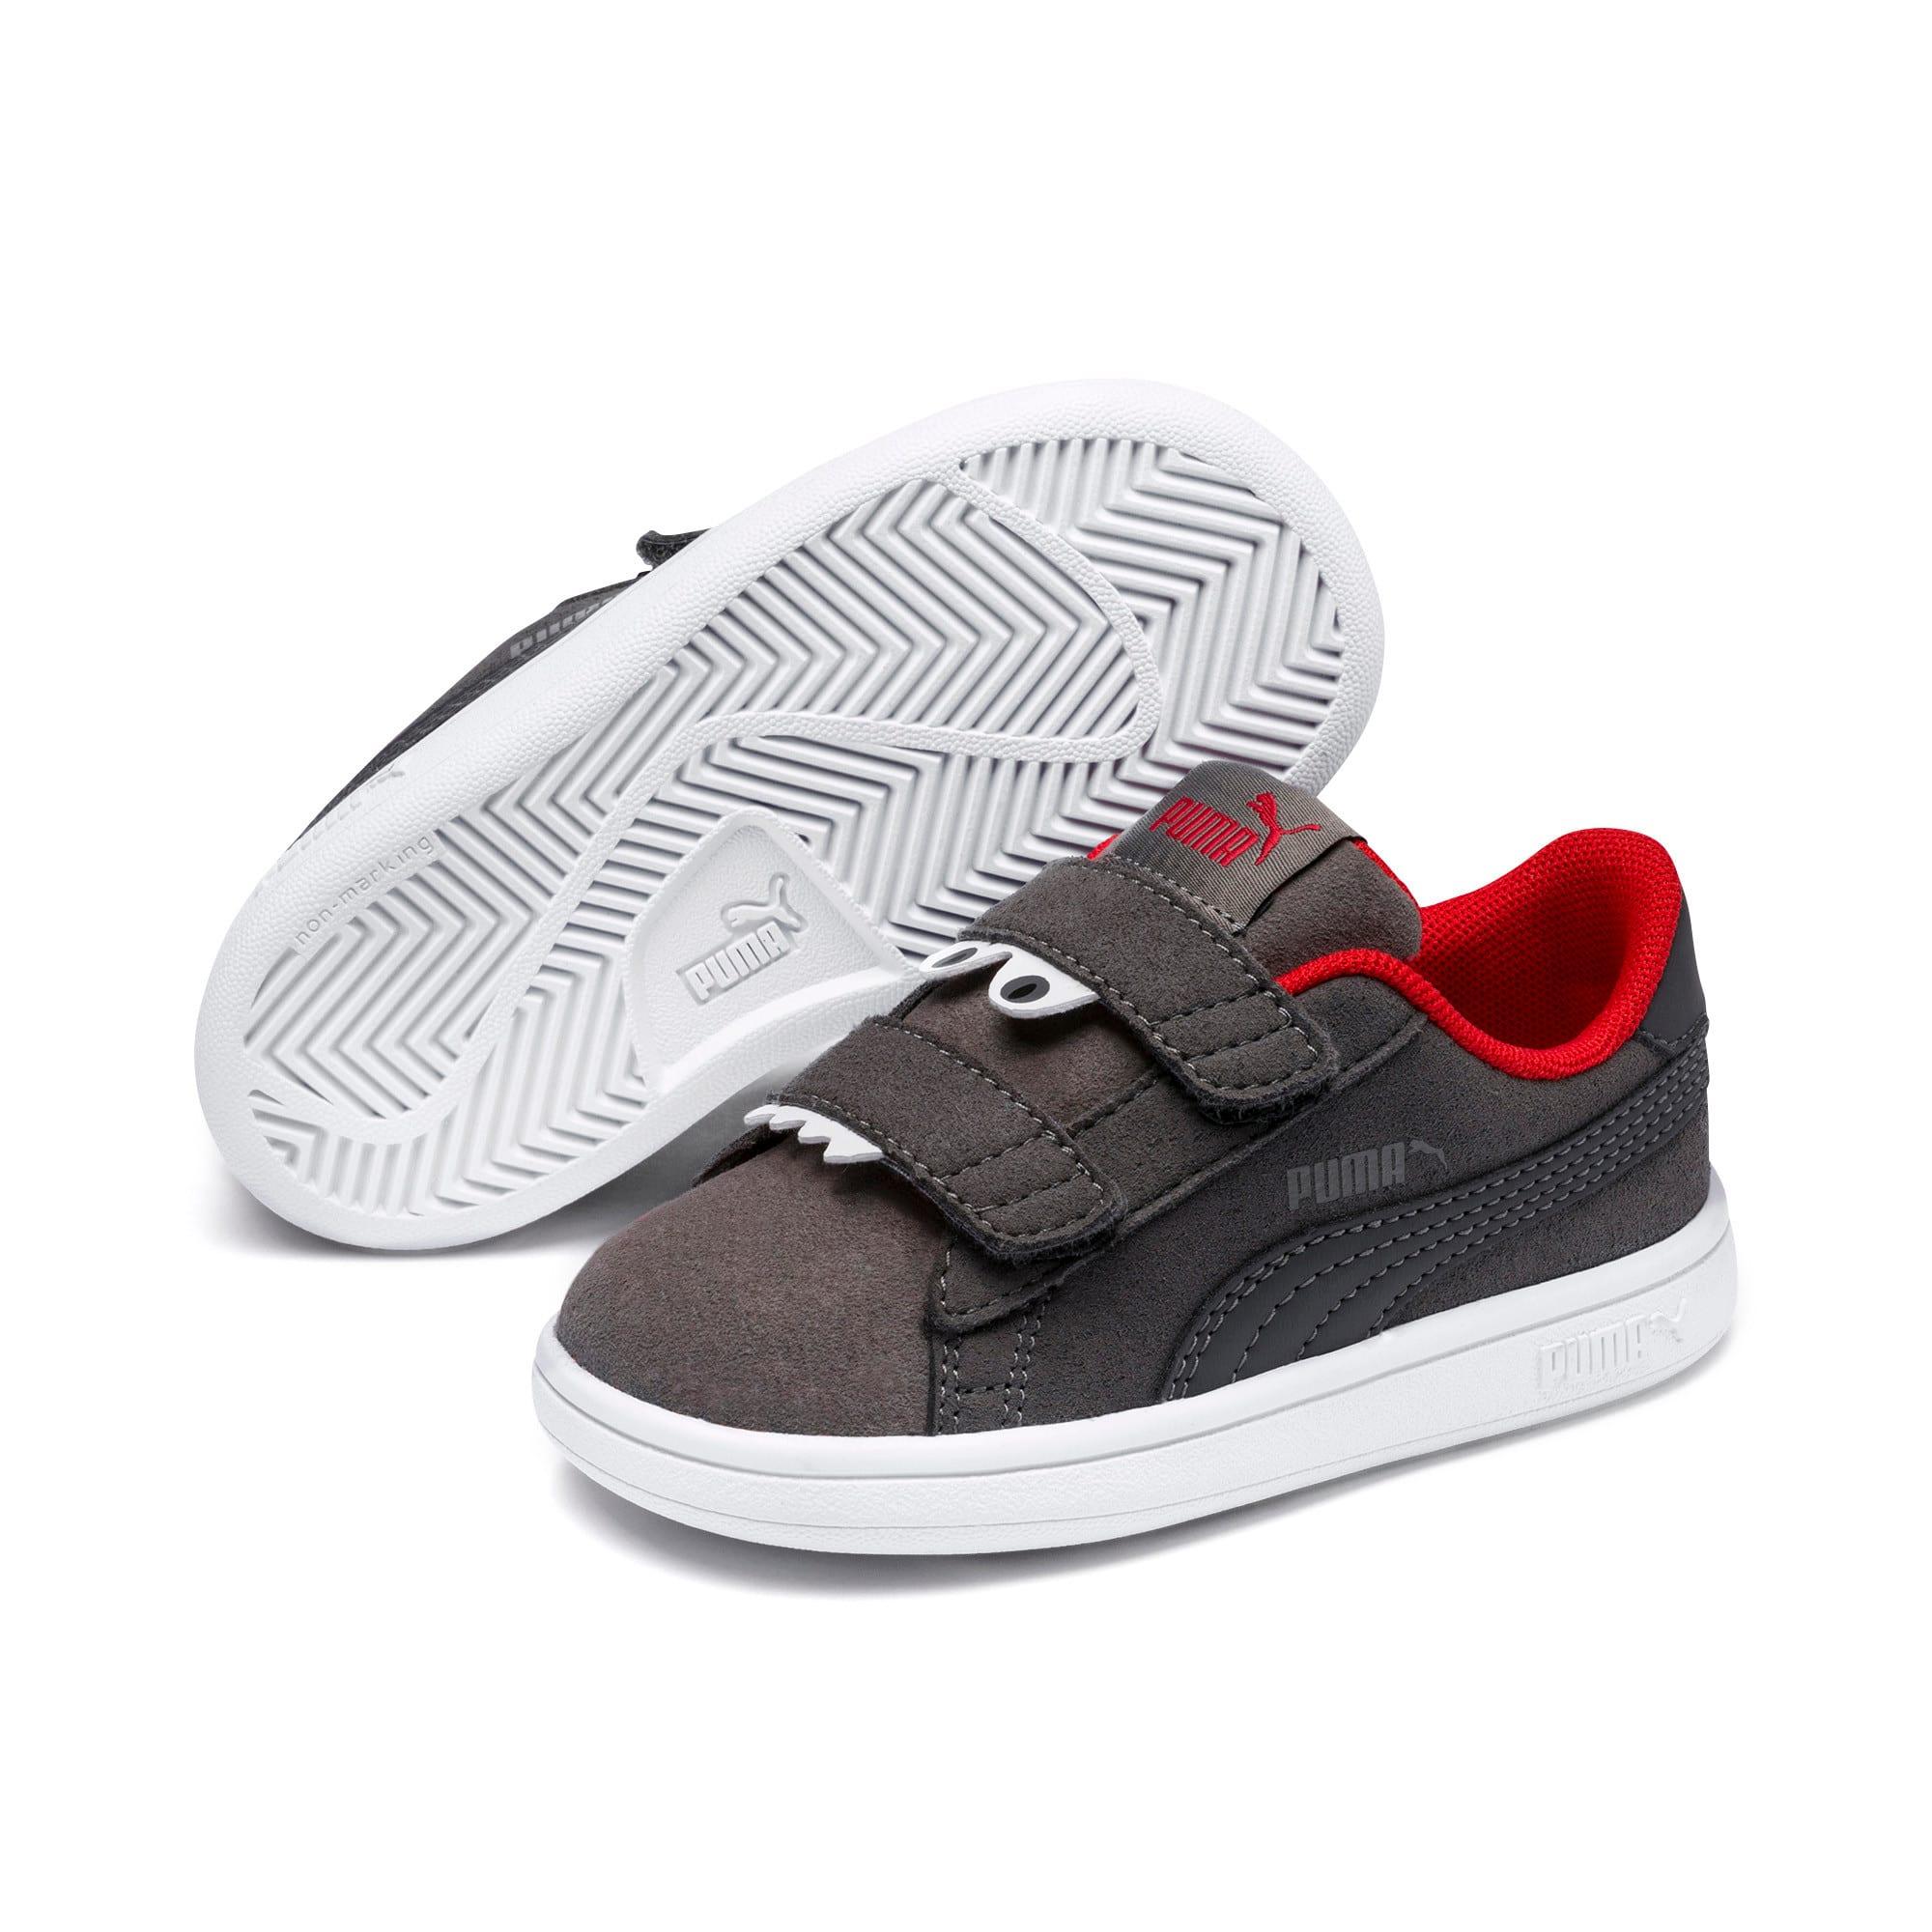 Thumbnail 2 of Smash v2 Monster Kinder Sneaker, Asphalt-C. Gray-Red-White, medium